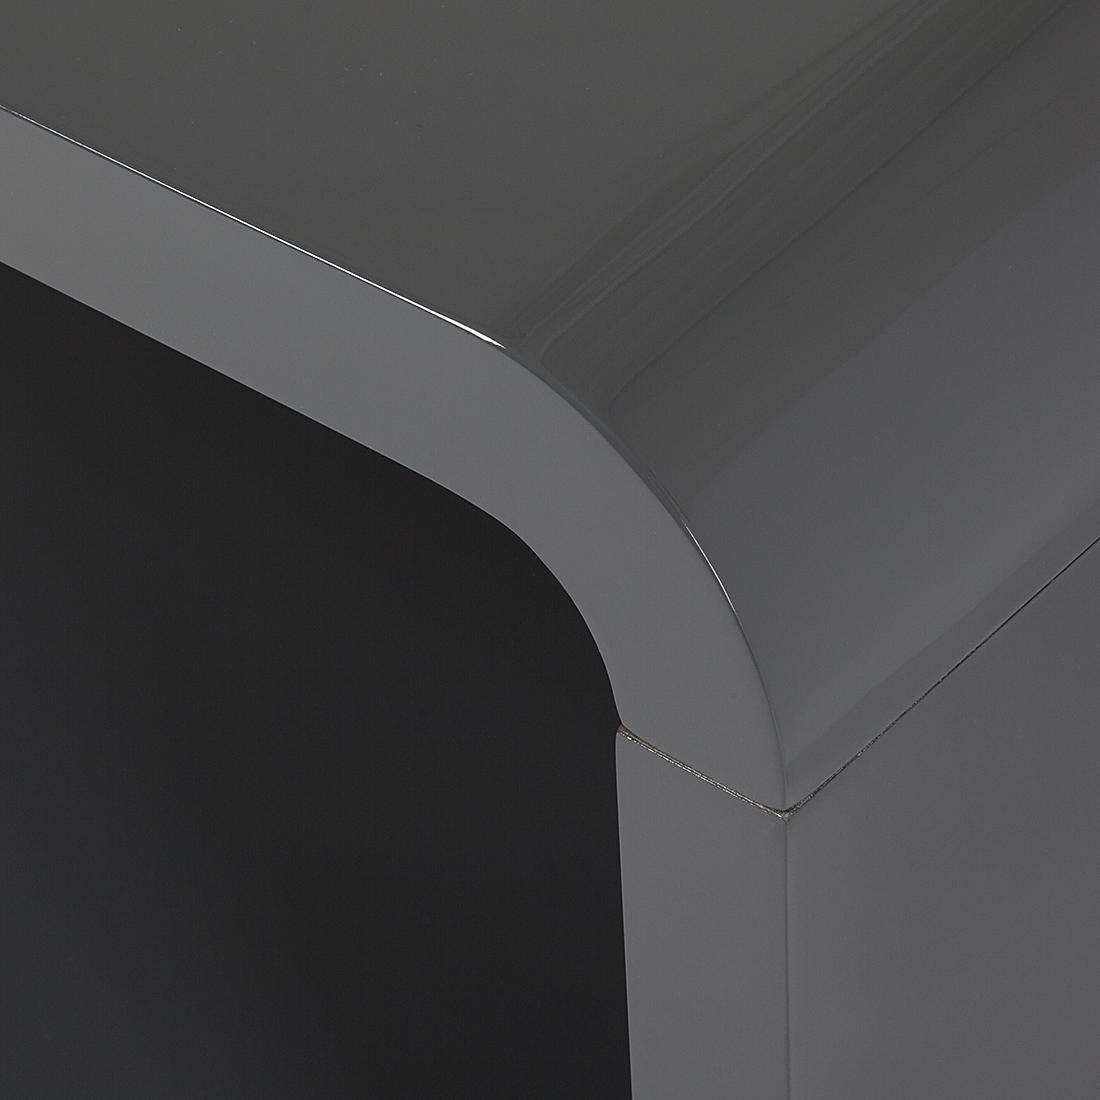 88 wohnzimmer tisch grau das bild wird geladen for Design couchtisch district highgloss mit led beleuchtung